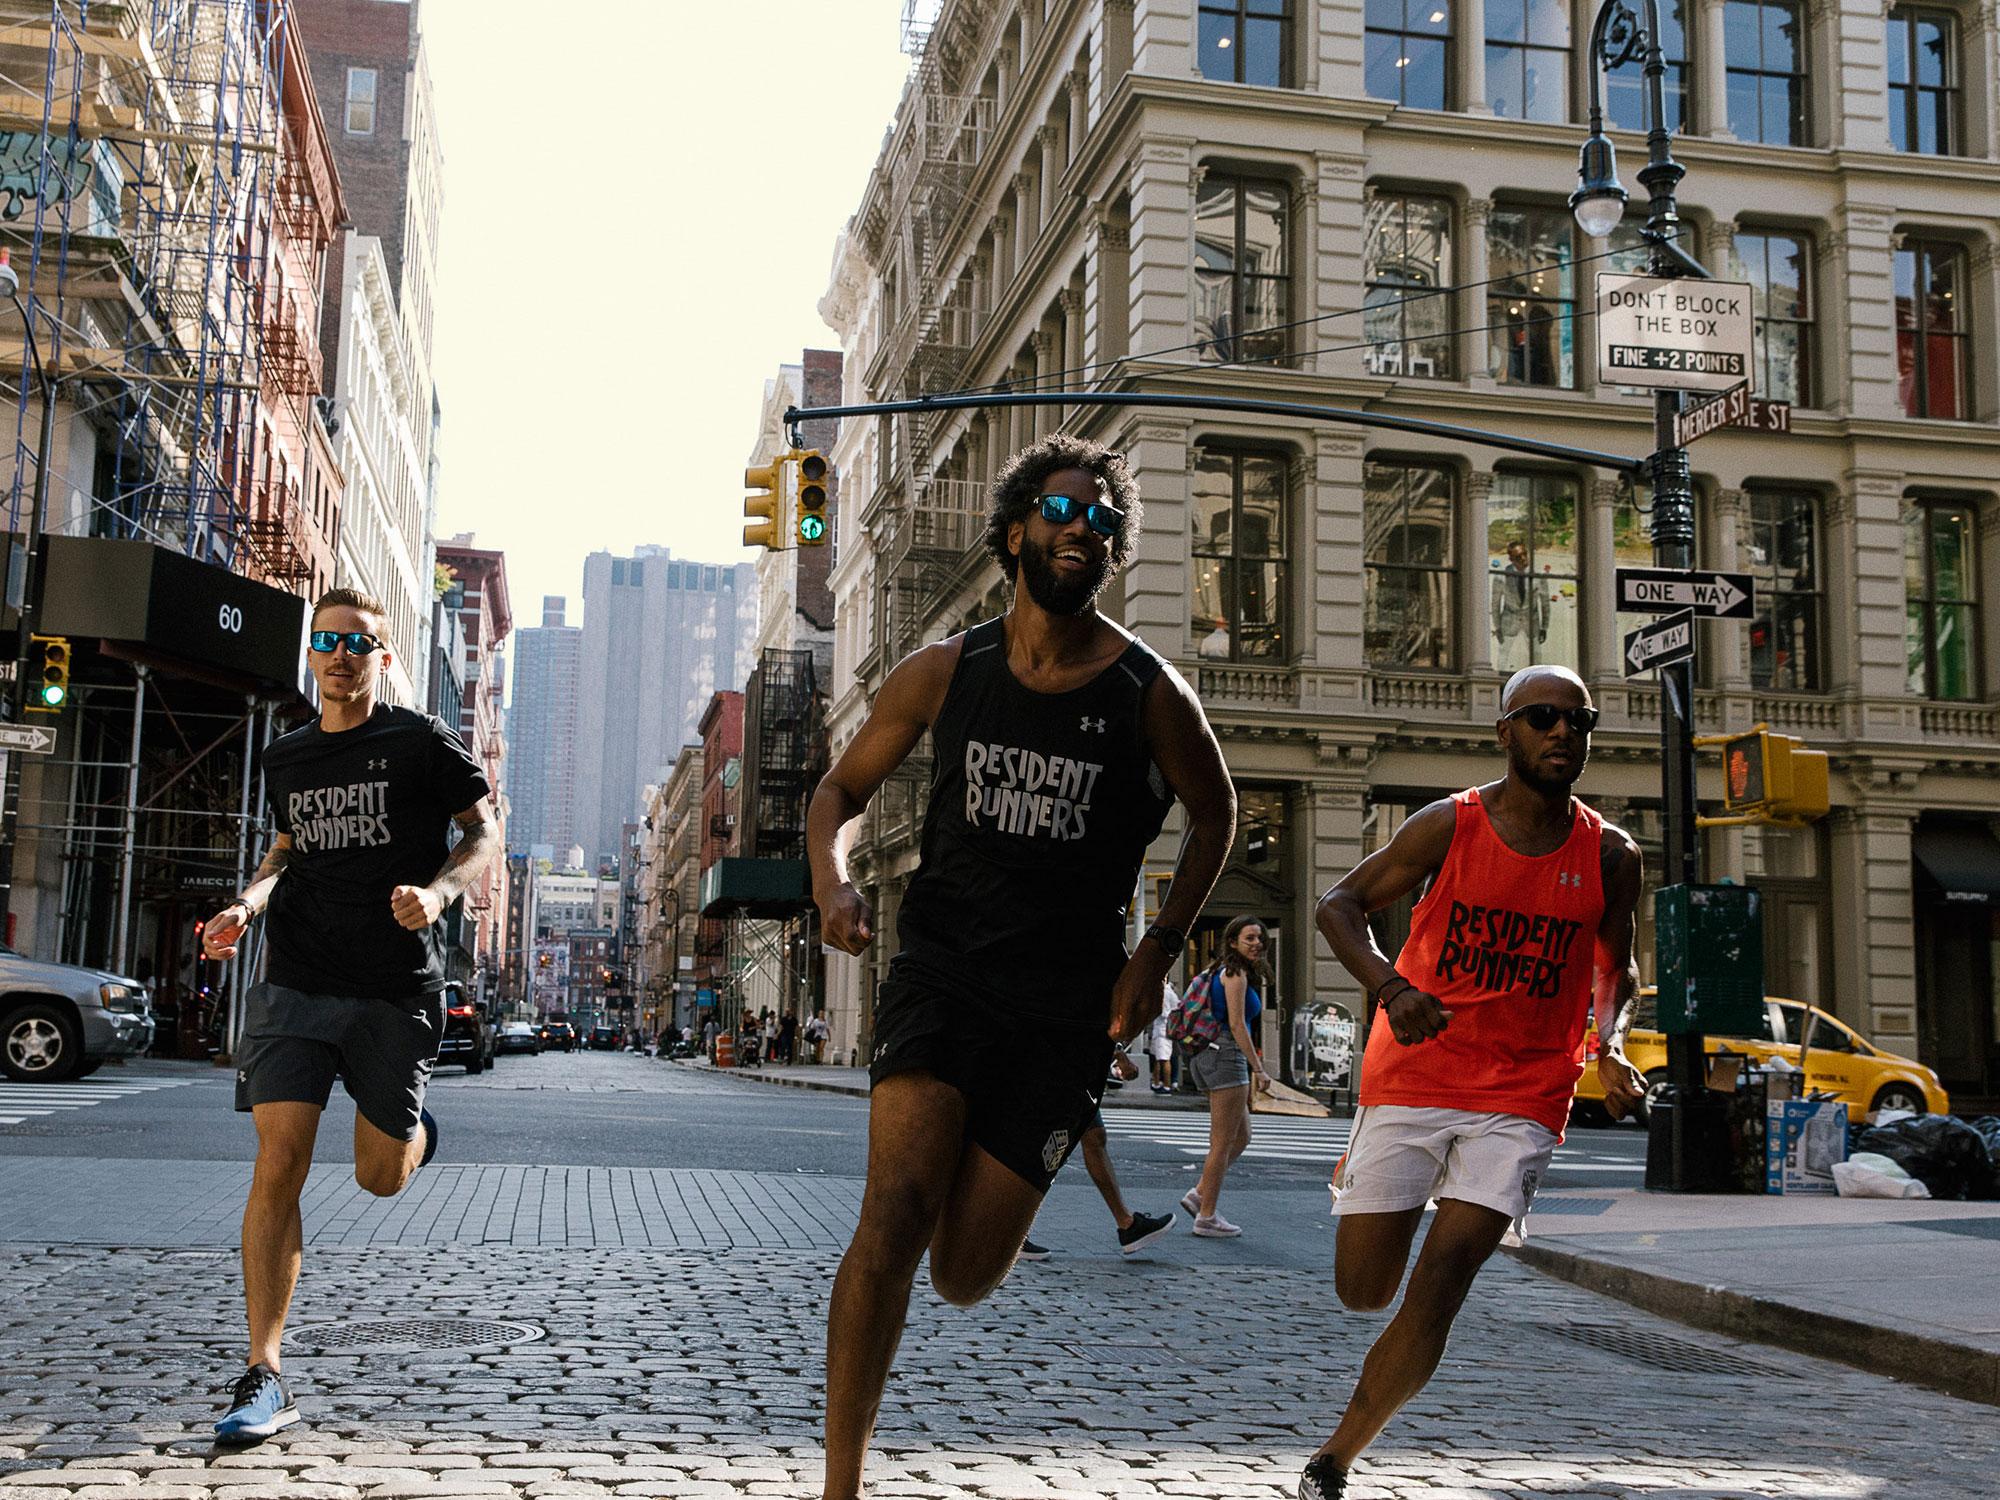 Resident Runners New York City